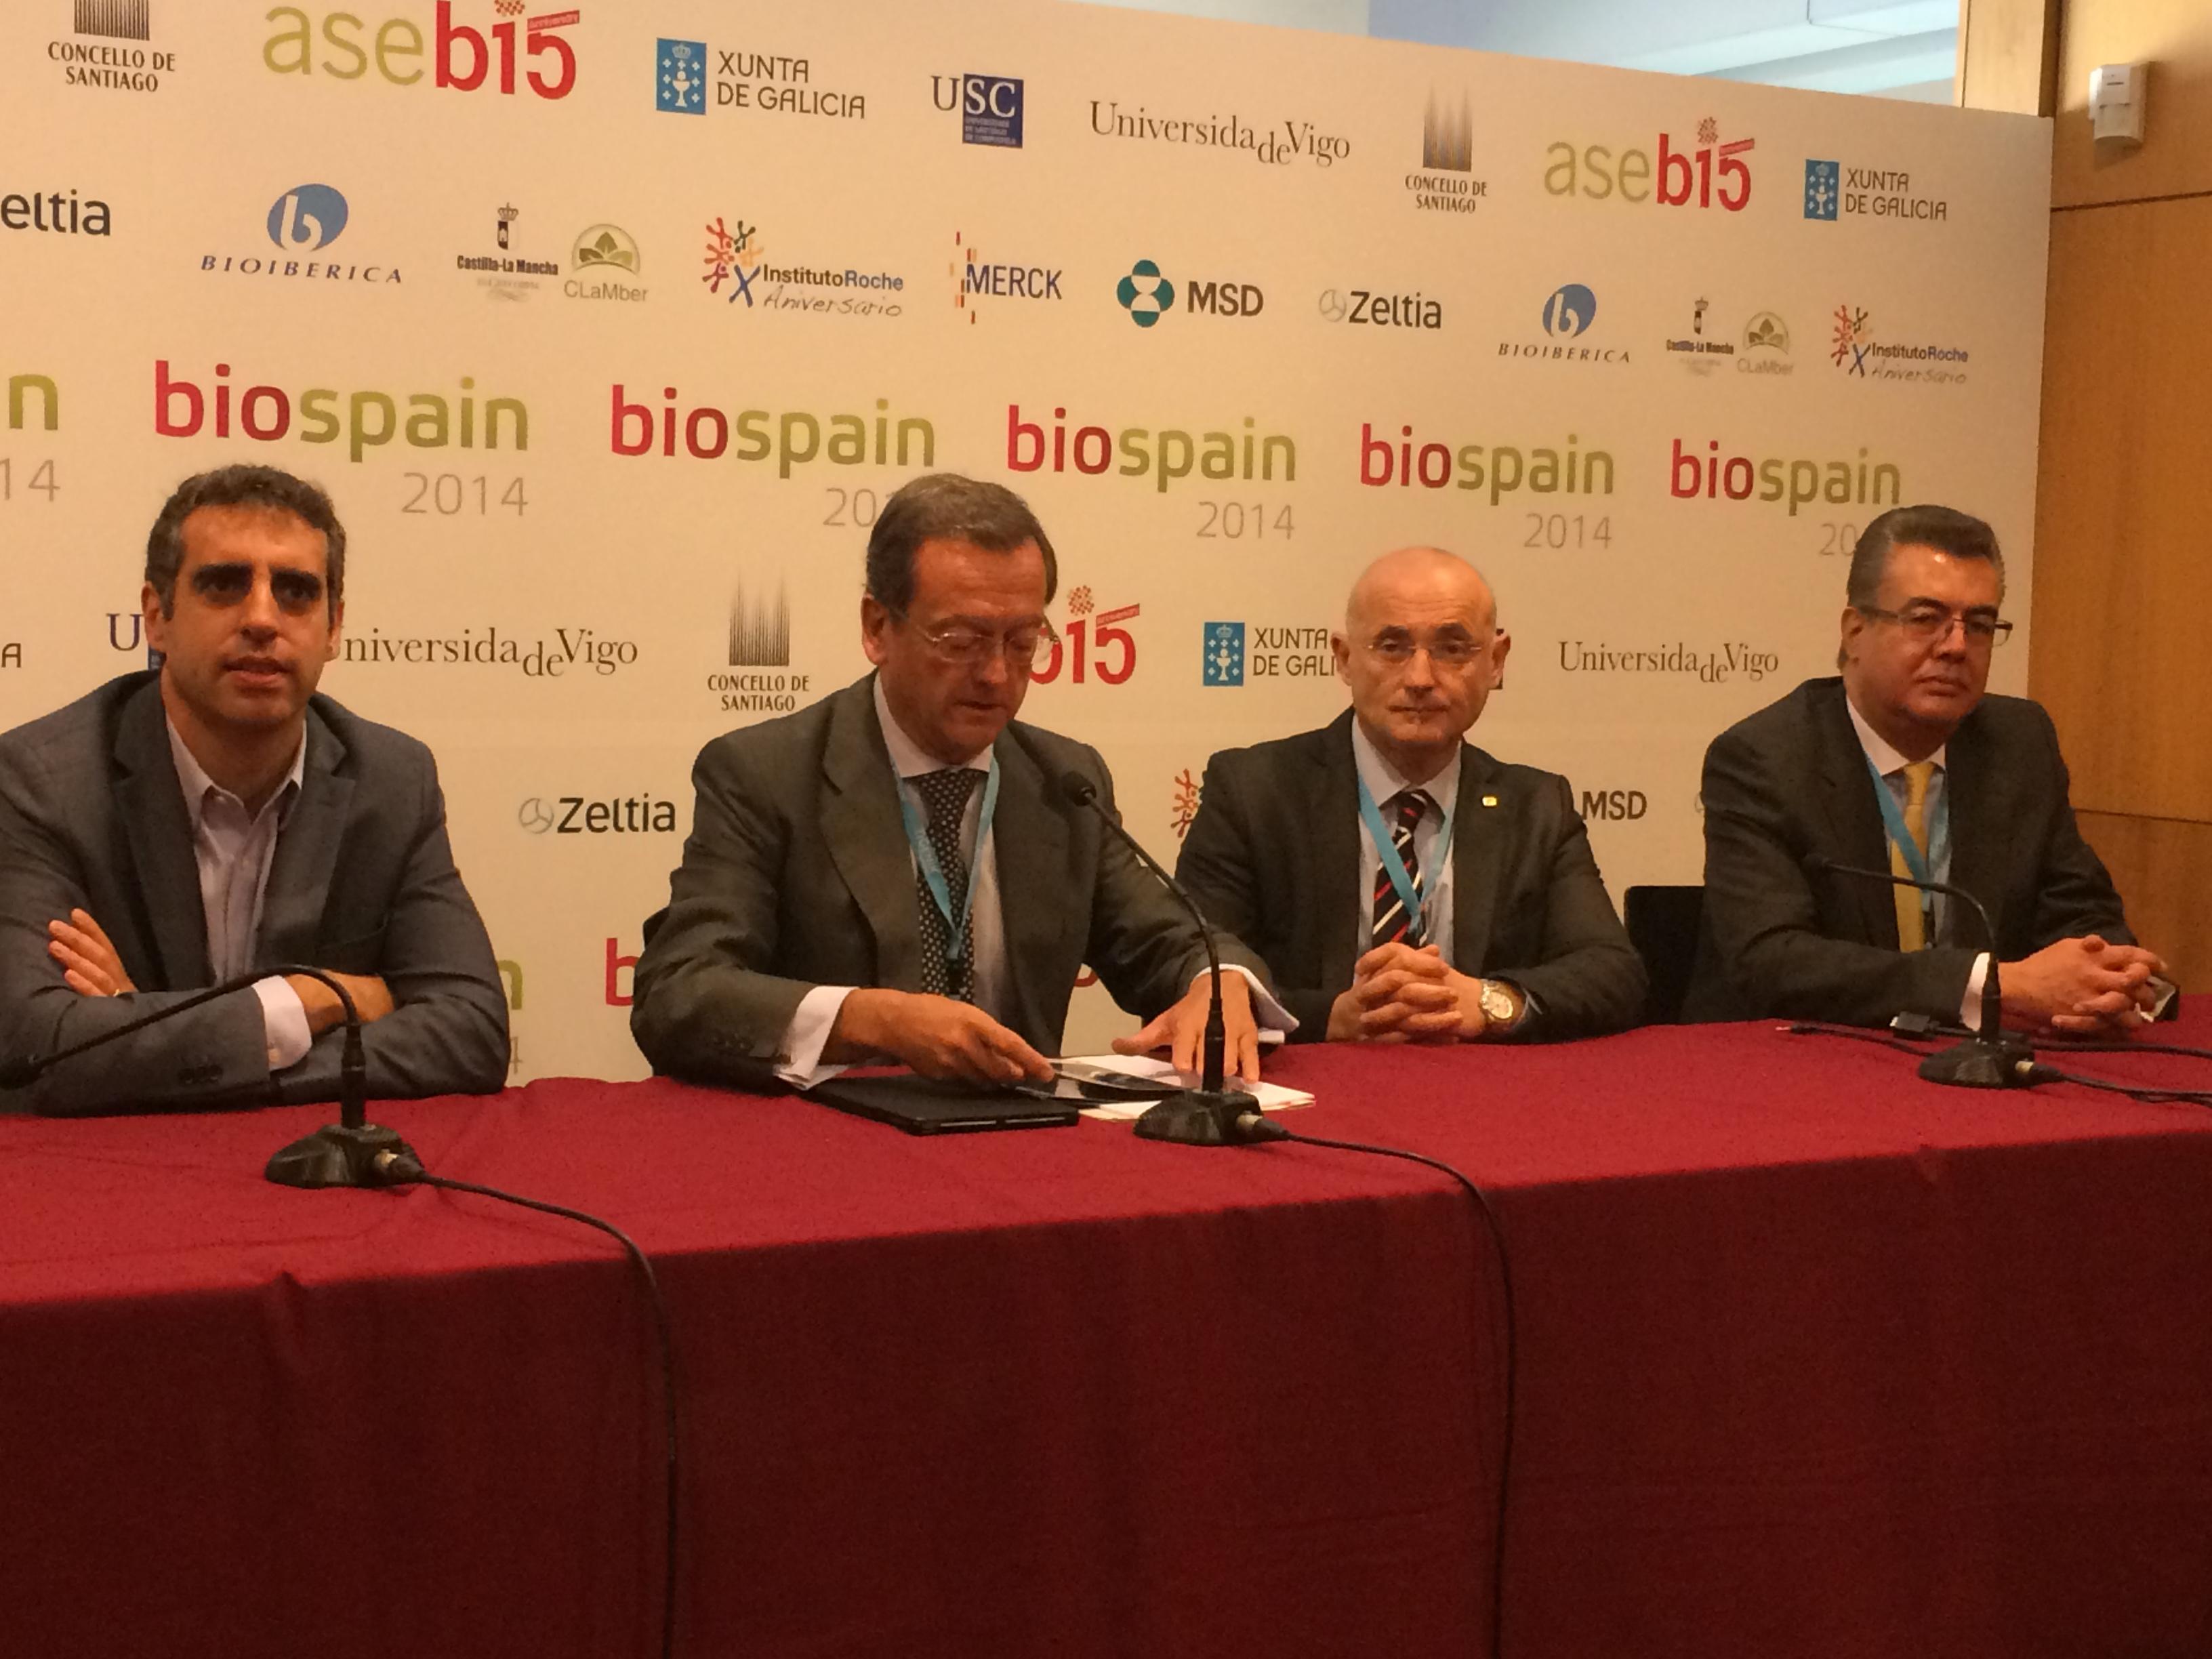 De izda. a dcha.: Manel Esteller, Jaime del Barrio,  Antonio Andreu y Gerardo Jiménez-Sánchez han participado en el foro de medicina personaliza de Biospain 2014